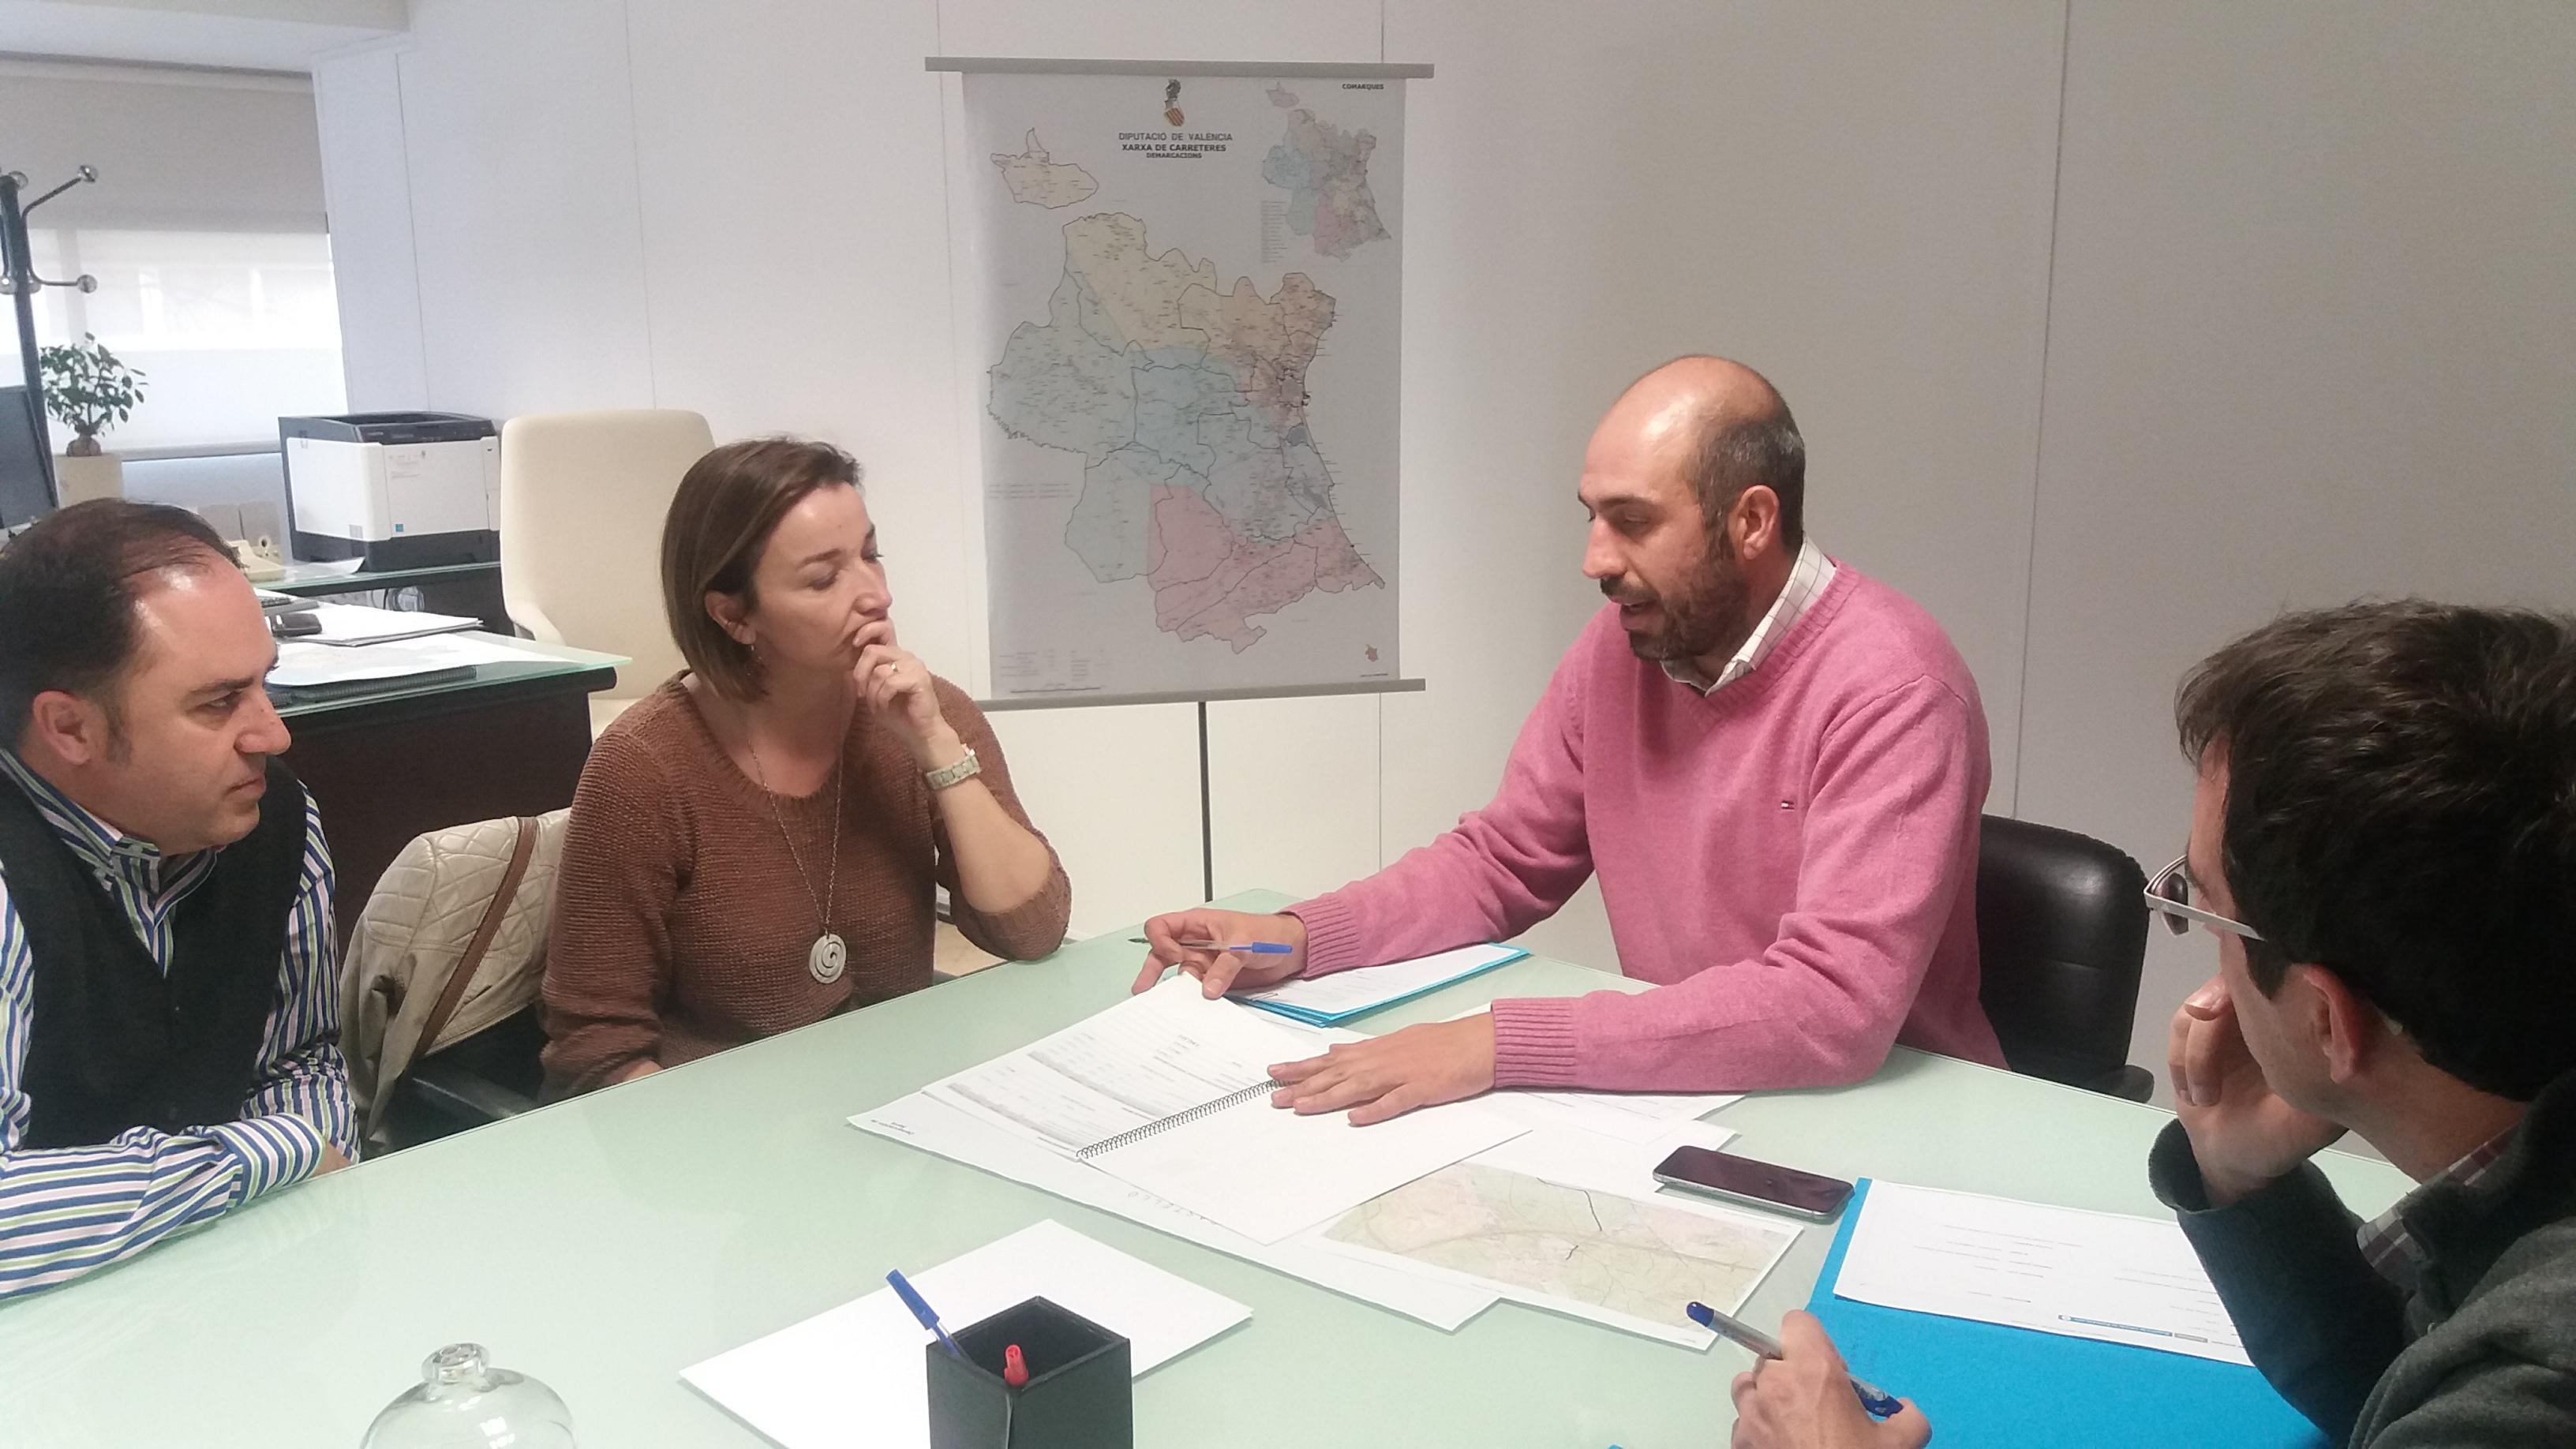 La alcaldesa, Amparo Navarro, trasladó al Diputado de Carreteras, Pablo Seguí, la necesidad de colocar una señalización y balizas para reducir la velocidad de los vehículos a su paso por una zona residencial.